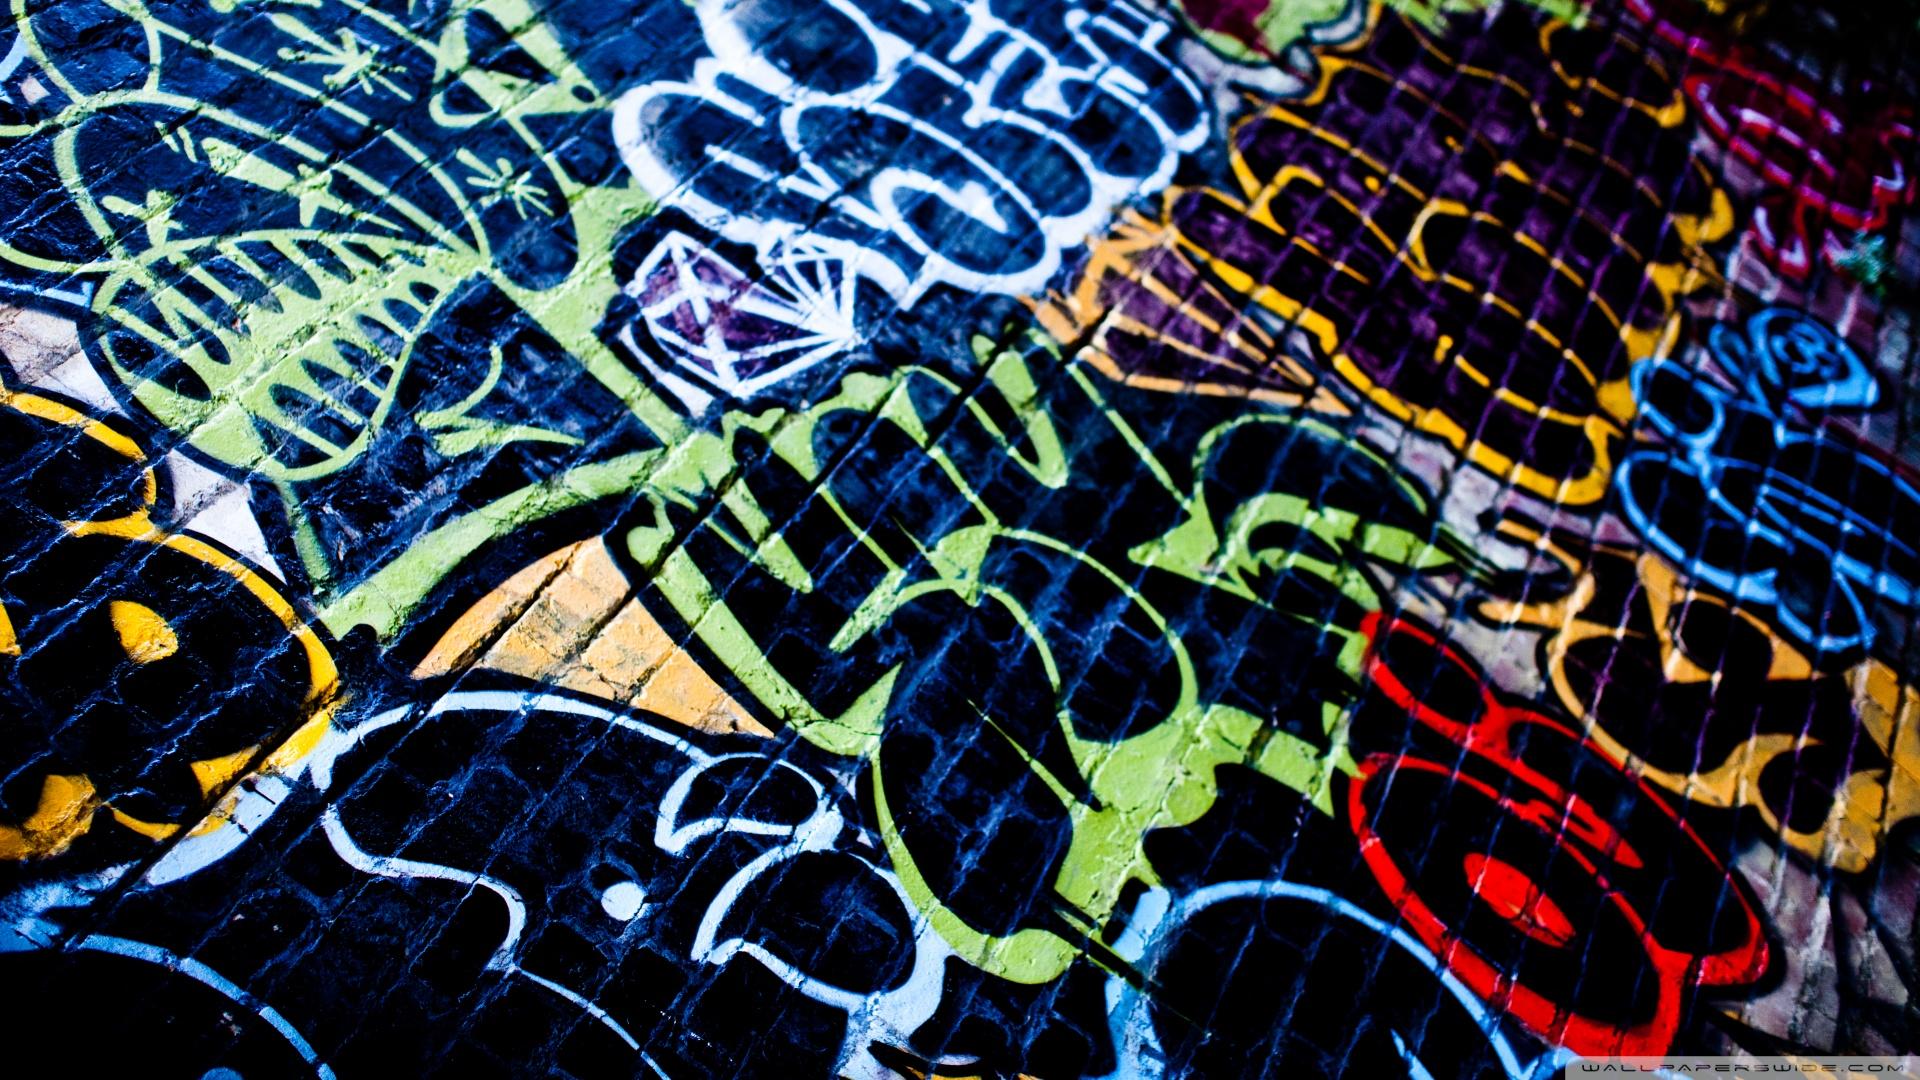 Graffiti 3 Wallpaper 1920x1080 Graffiti 3 1920x1080